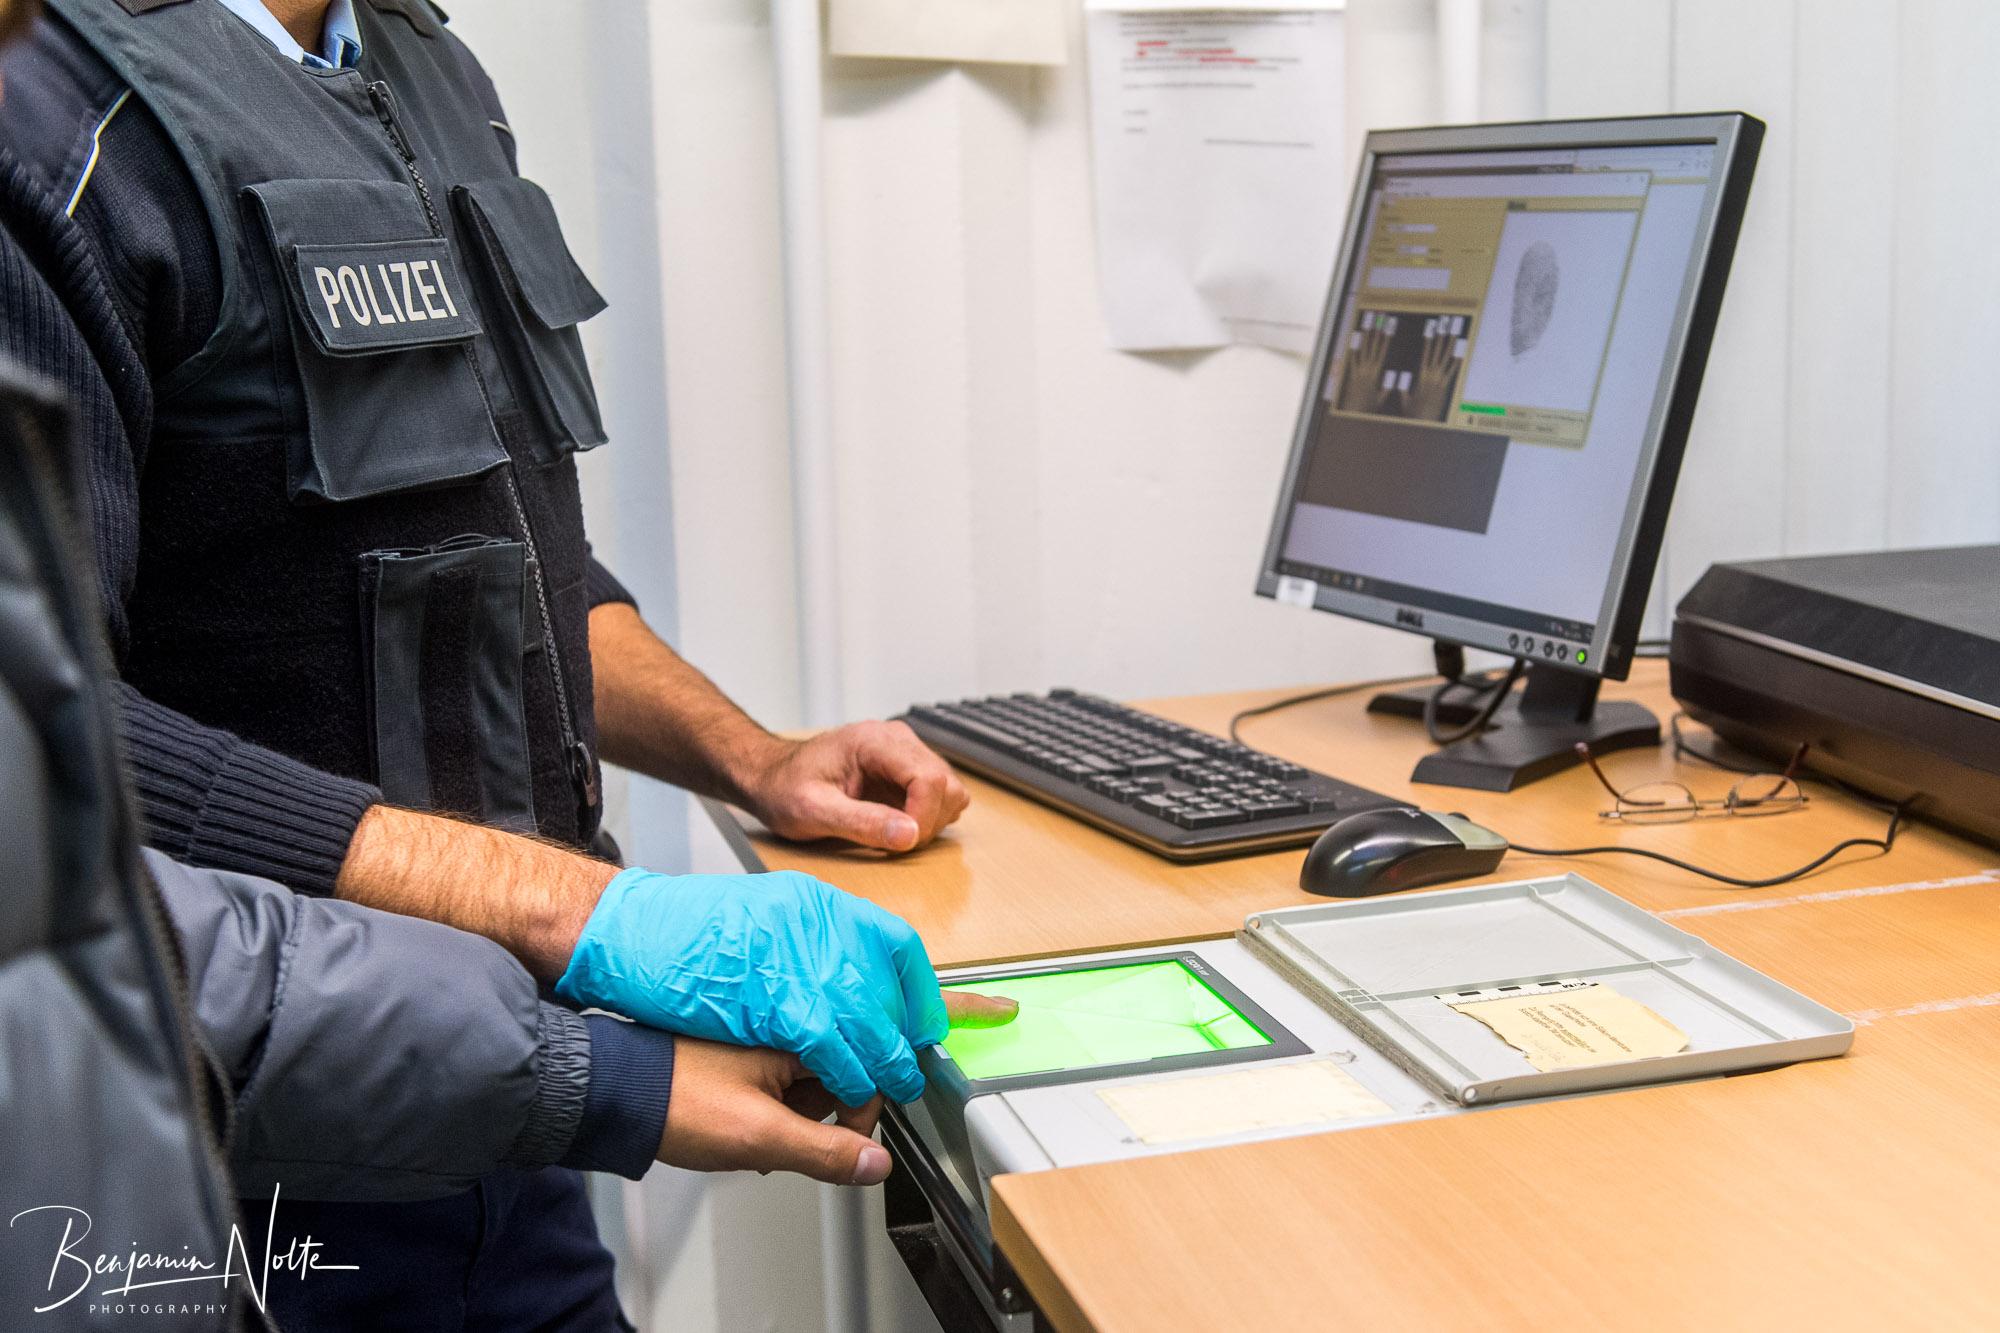 Bundespolizei_Flensburg_014